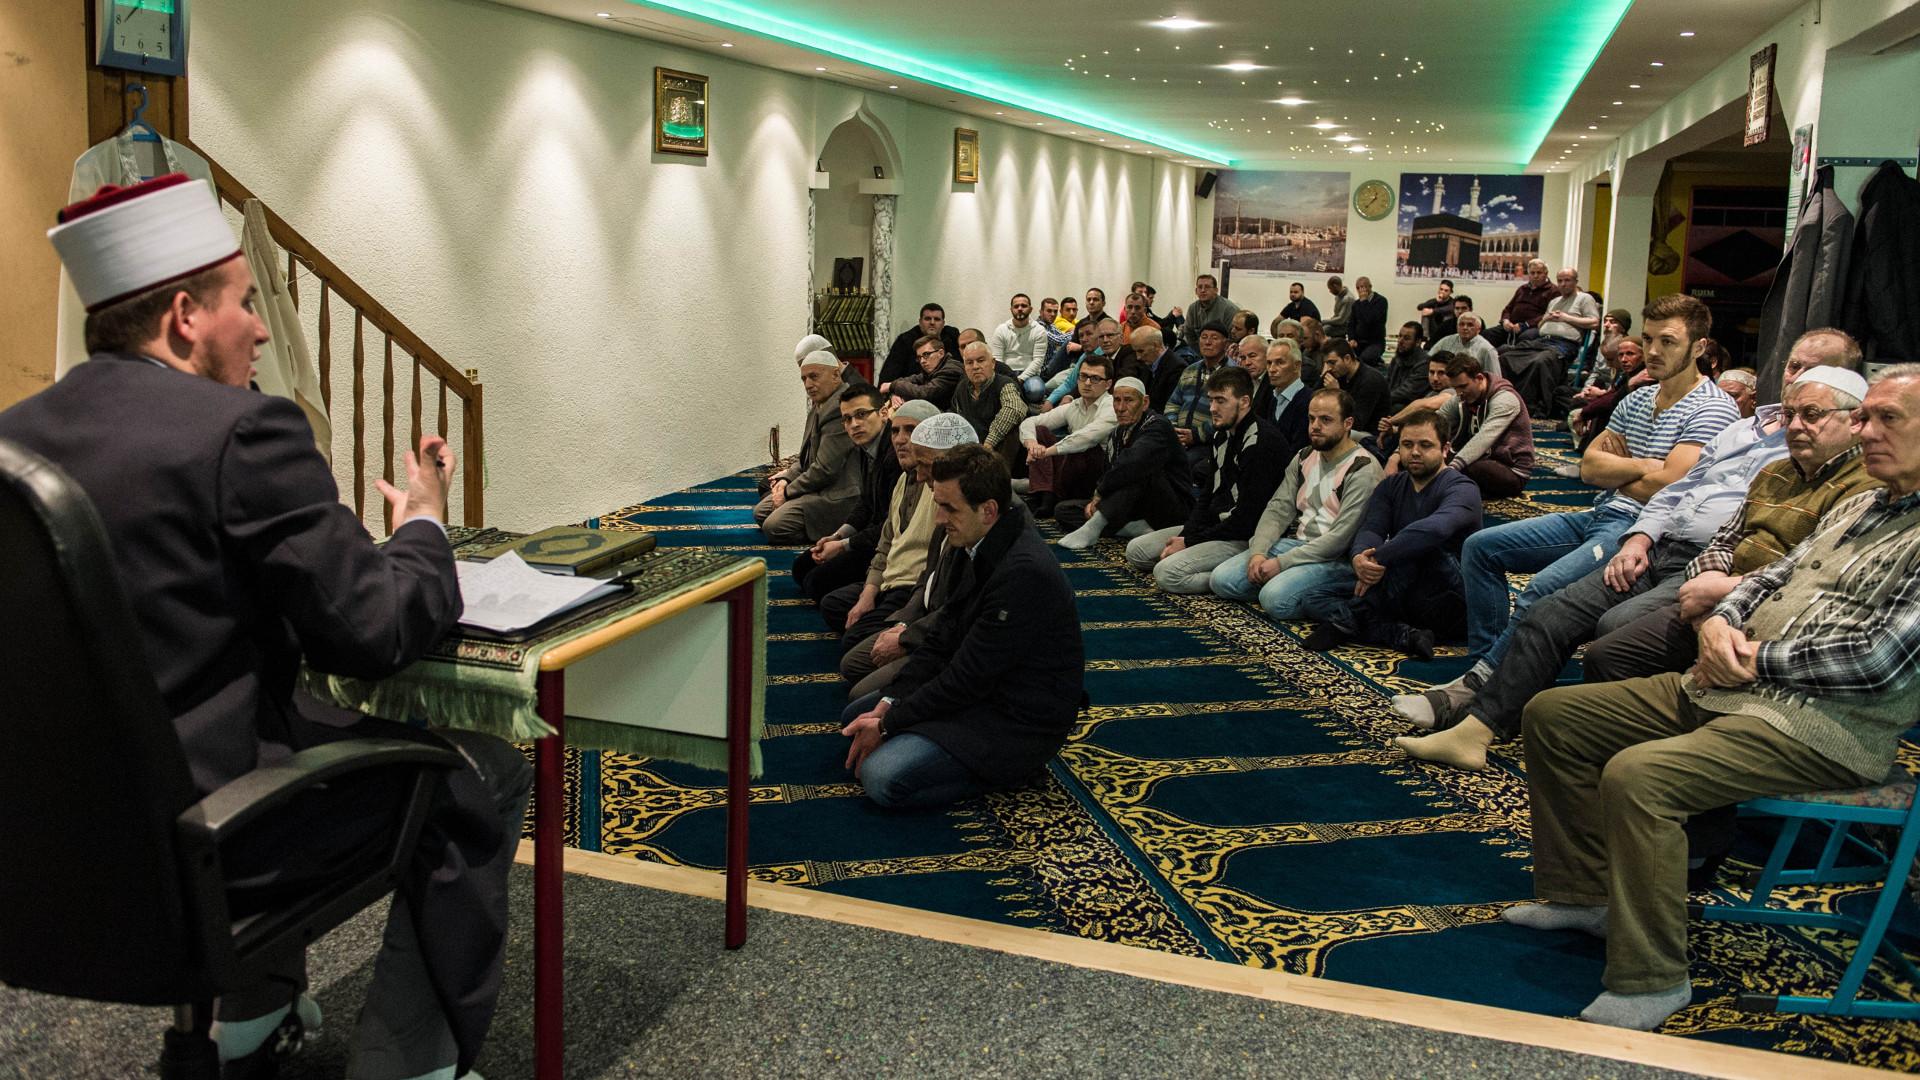 Konvertierte Muslime Schweiz